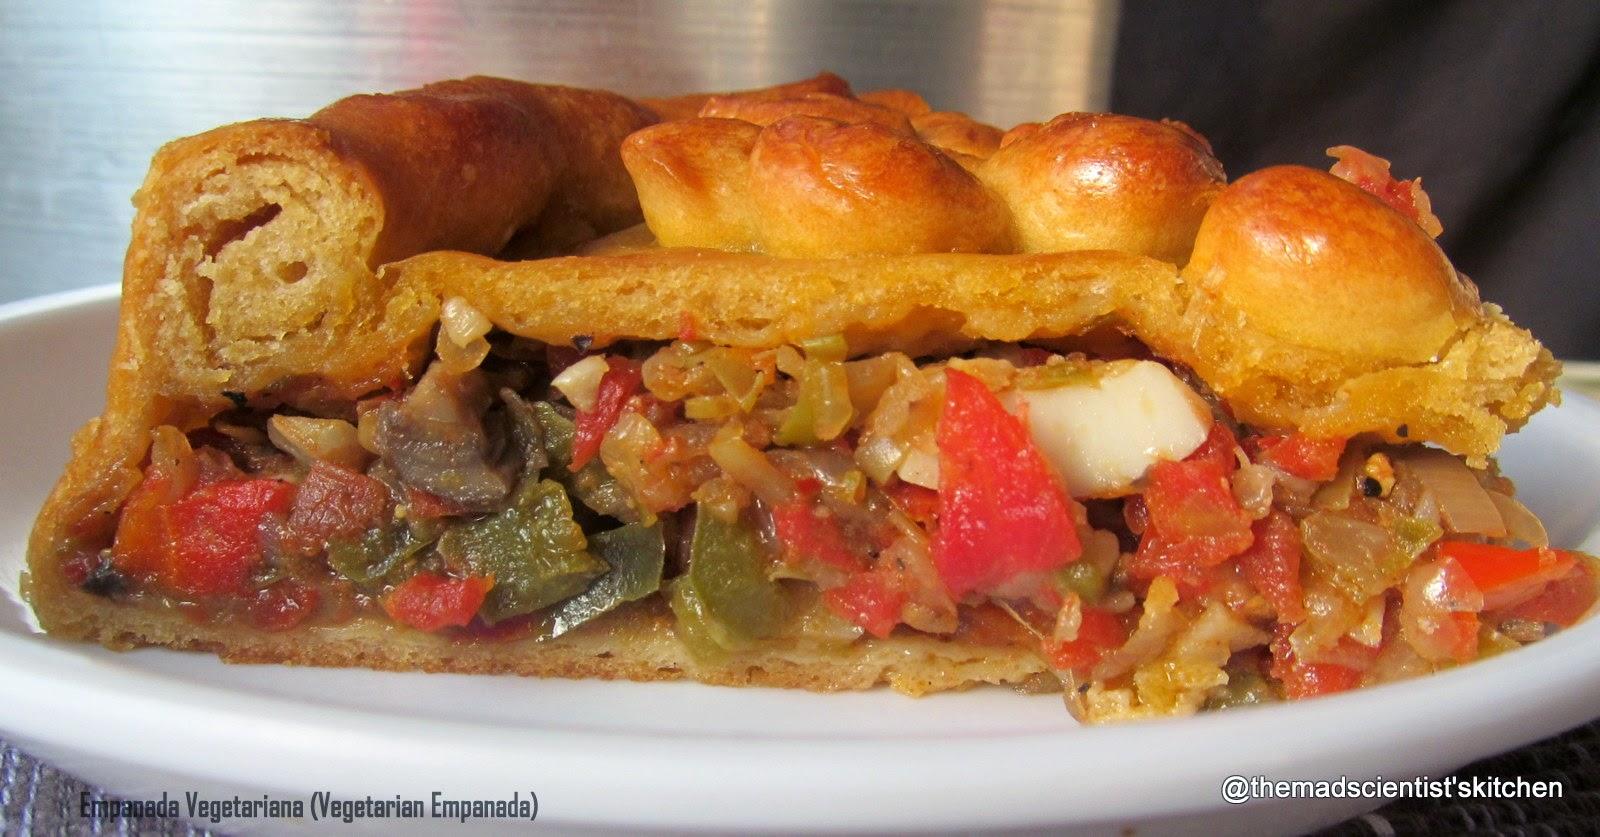 Empanada vegetariana (Vegetarian empanada)